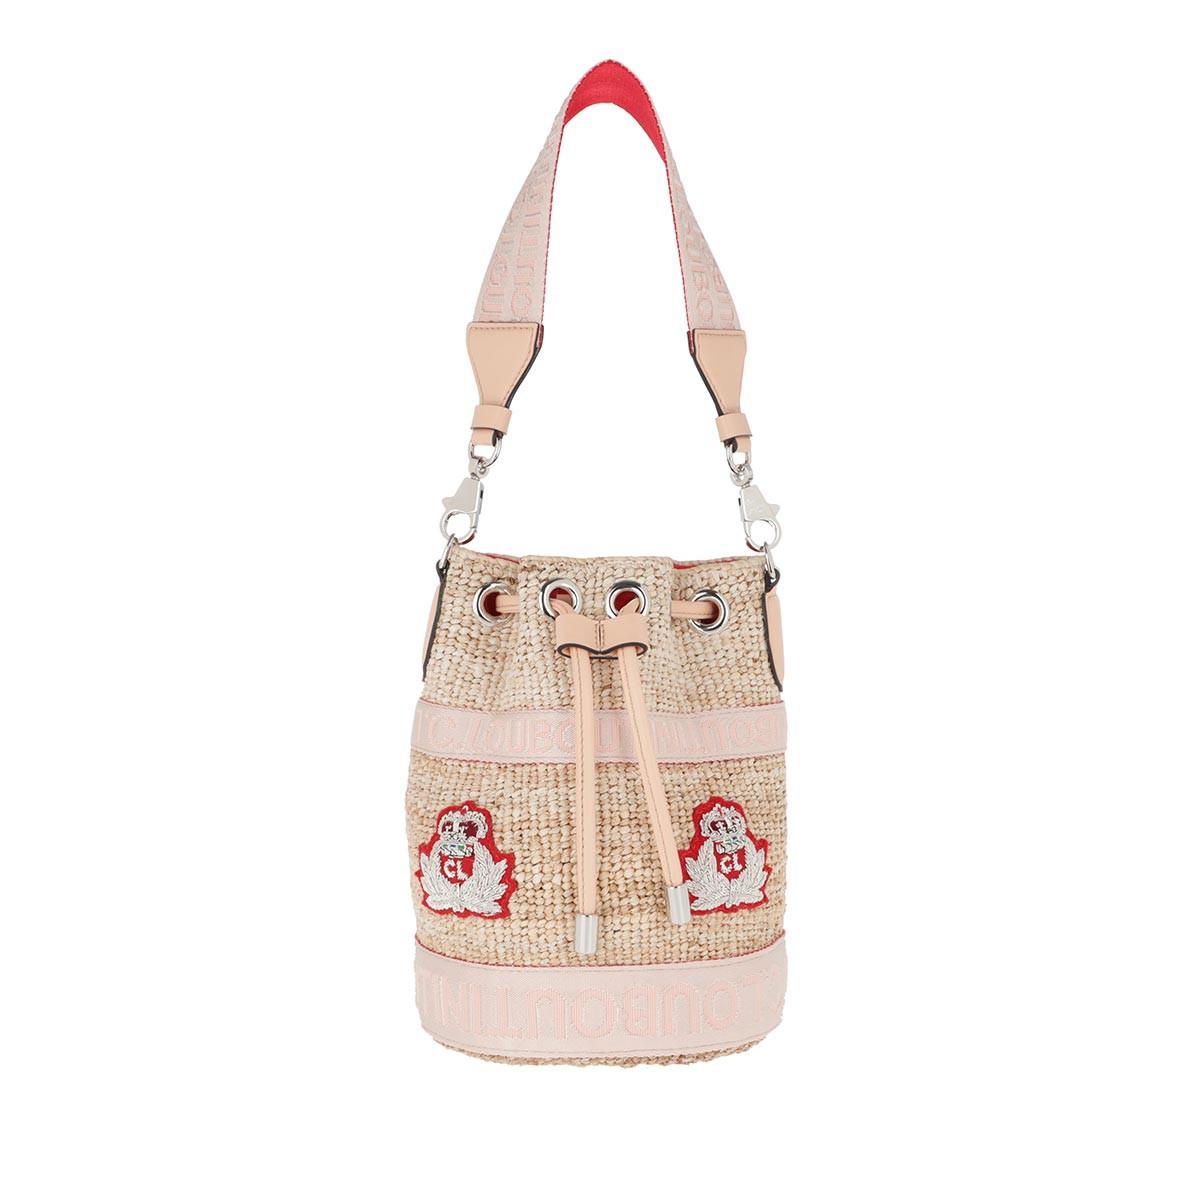 Christian Louboutin Umhängetasche - Mary Jane Bucket Bag Leather Natural/Rose - in beige - für Damen